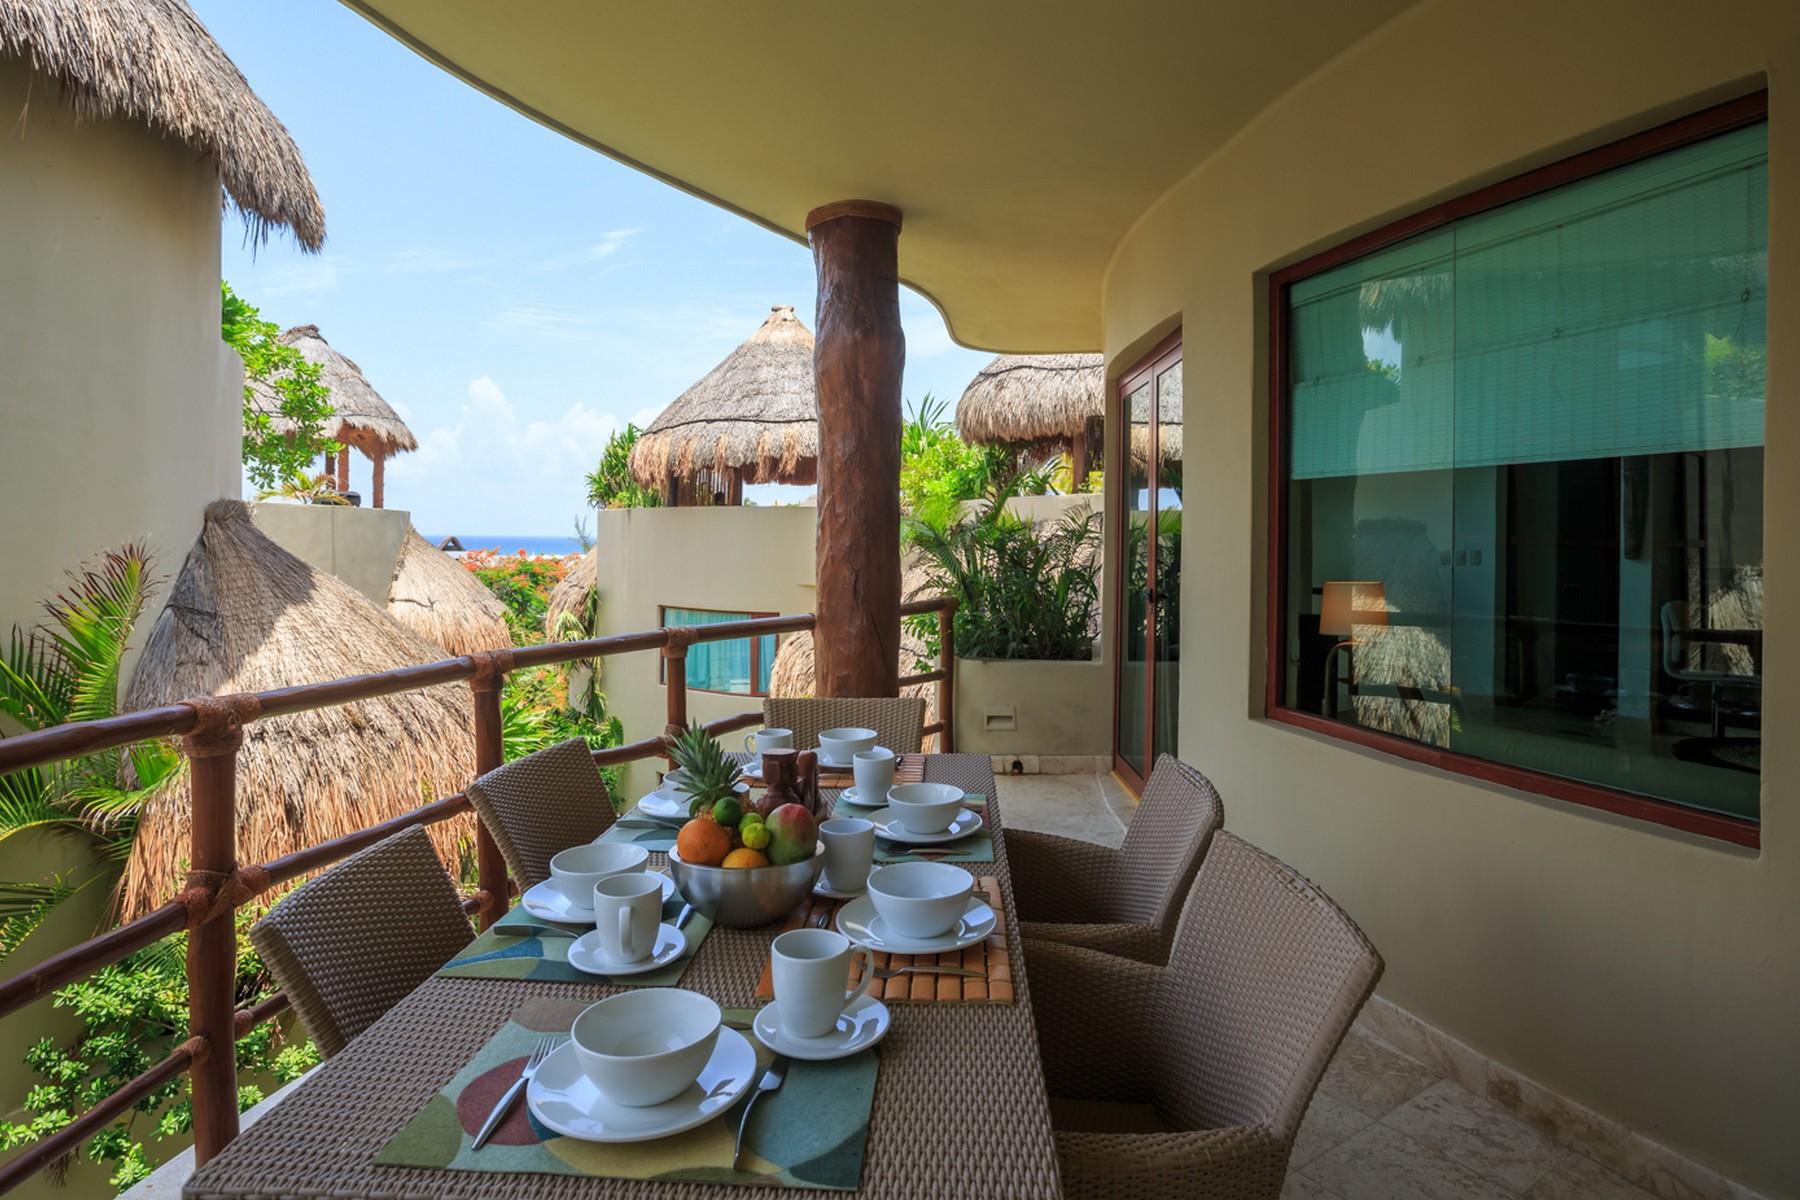 Additional photo for property listing at STUNNING MAYA VILLA PH Maya Villa Condominium 1st Ave. North, between 12 North & 16 North Streets Playa Del Carmen, Quintana Roo 77710 Mexico